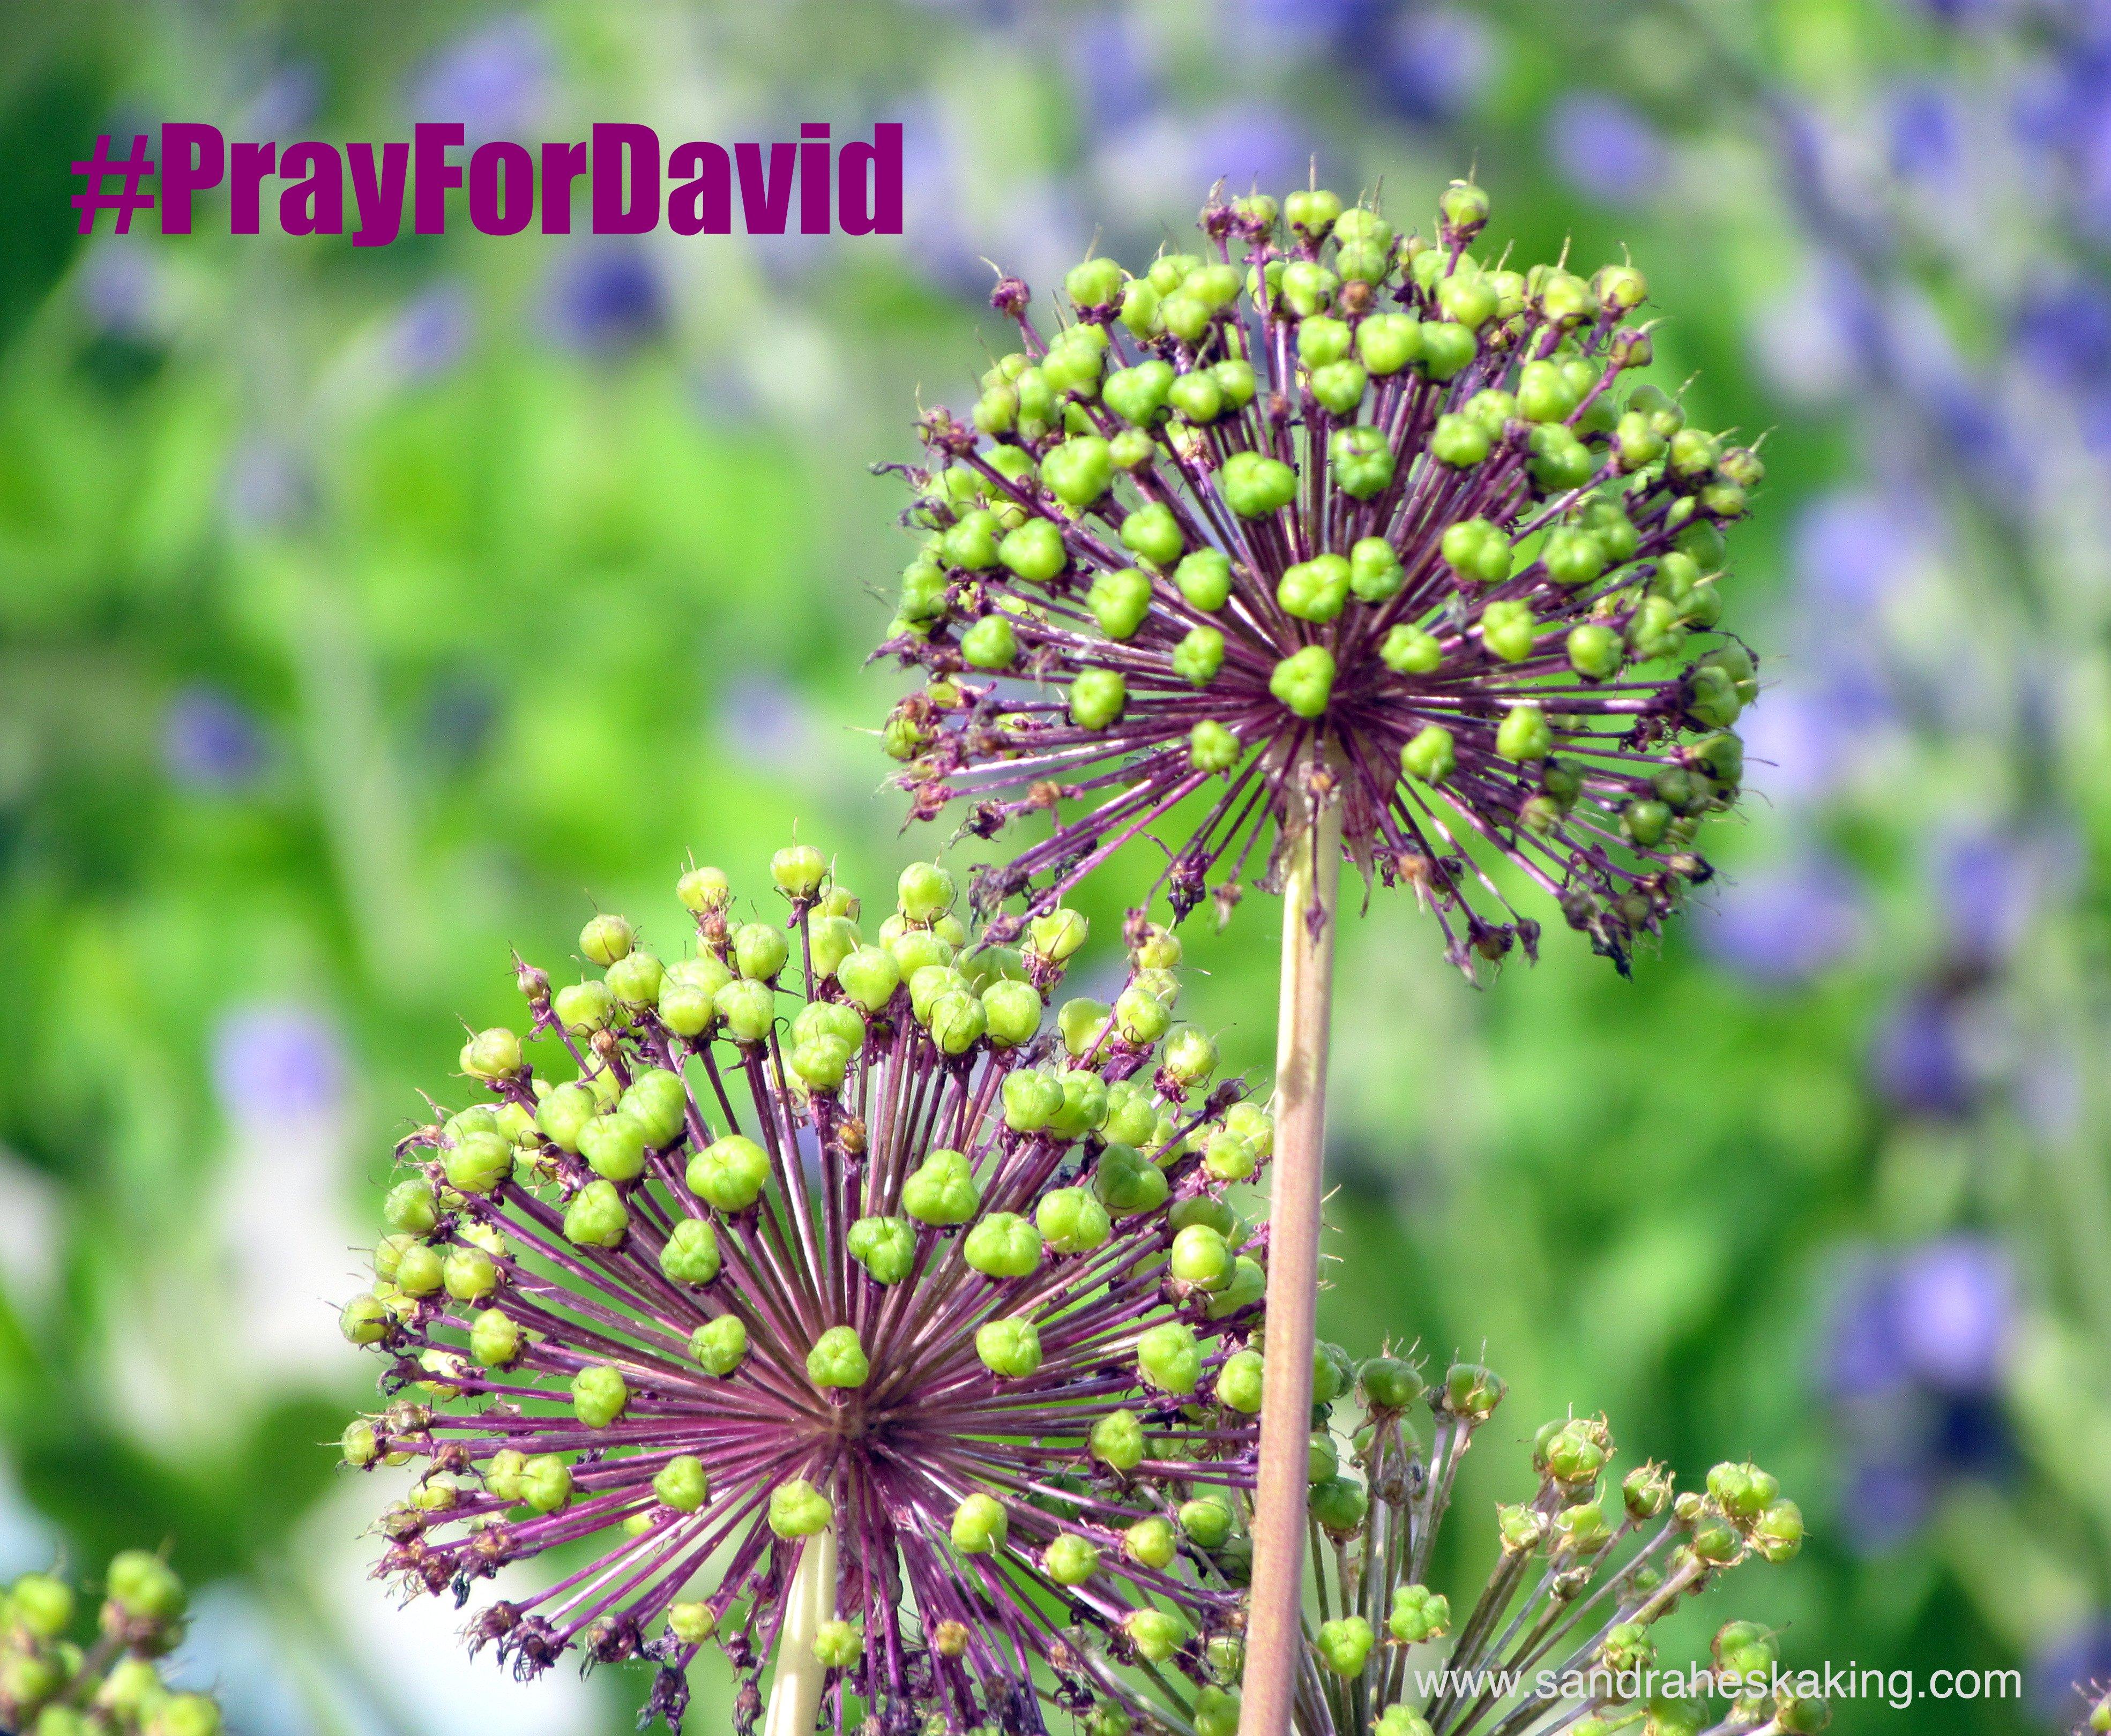 pray for david